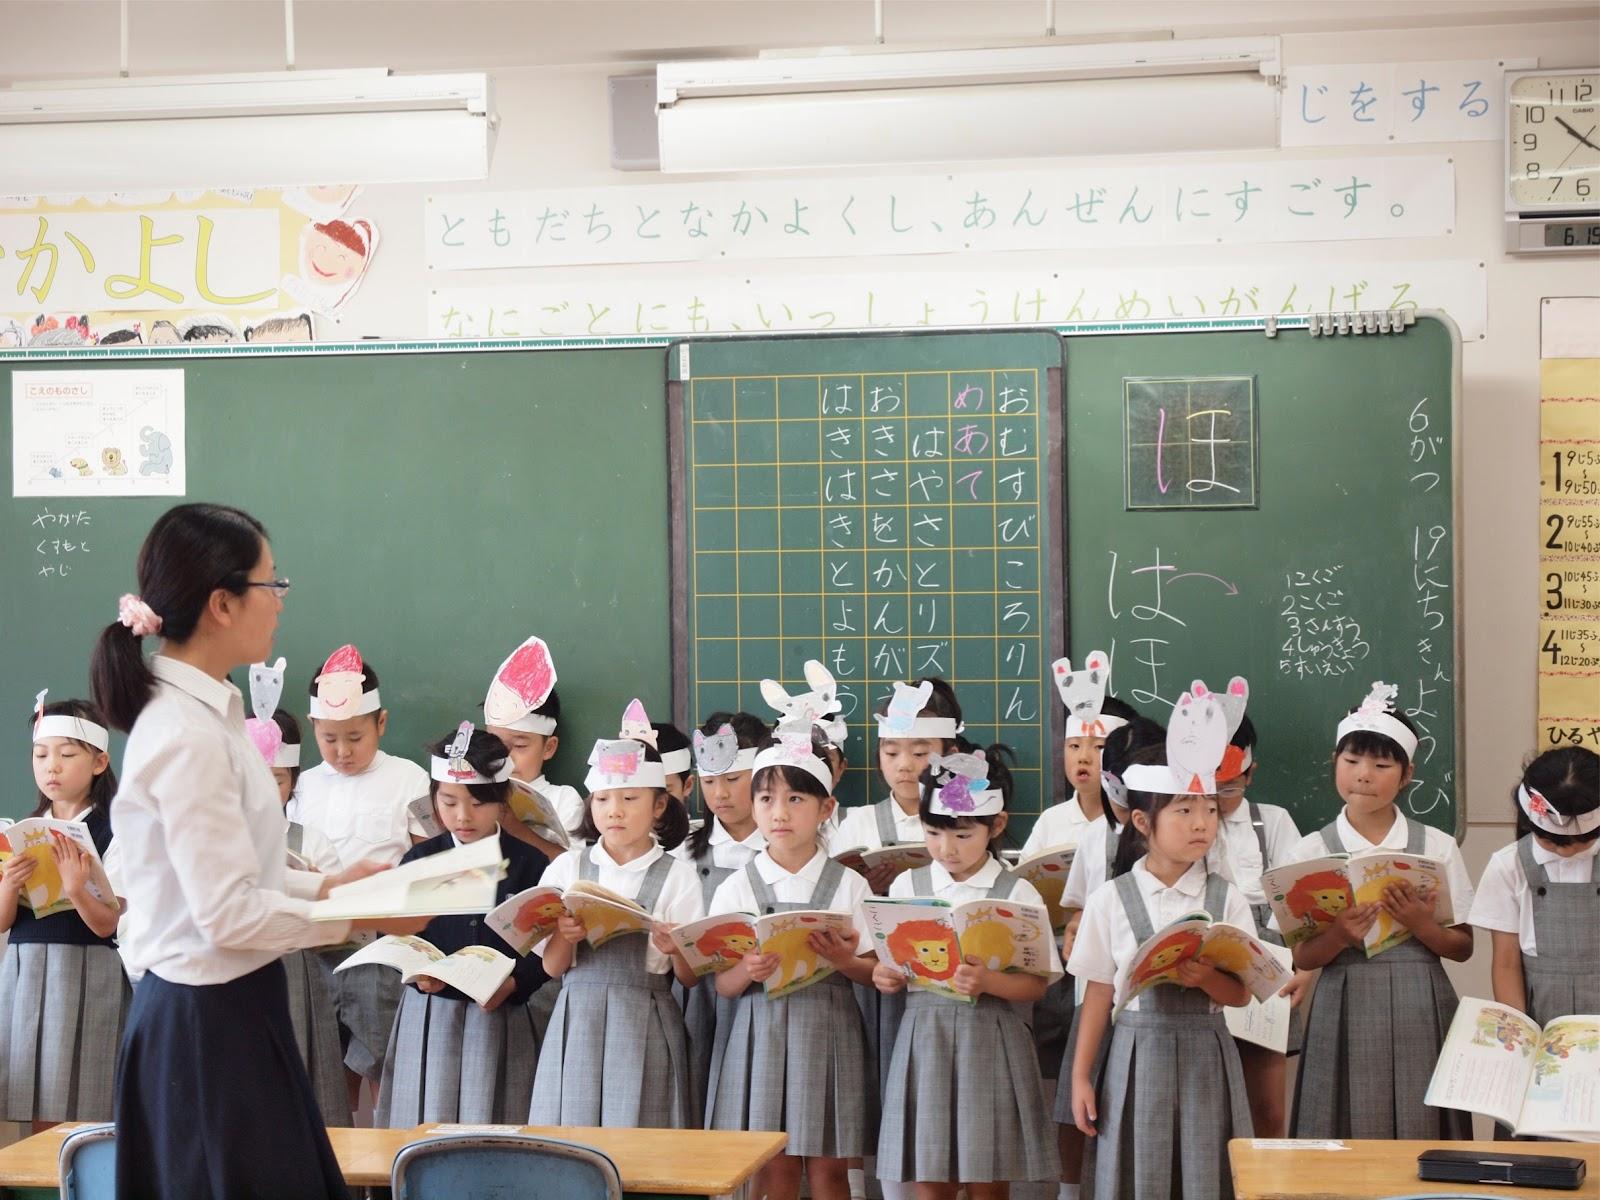 小学校: KEIAI TV vol14 1年生 国語 ... : 1年生 国語 : 国語